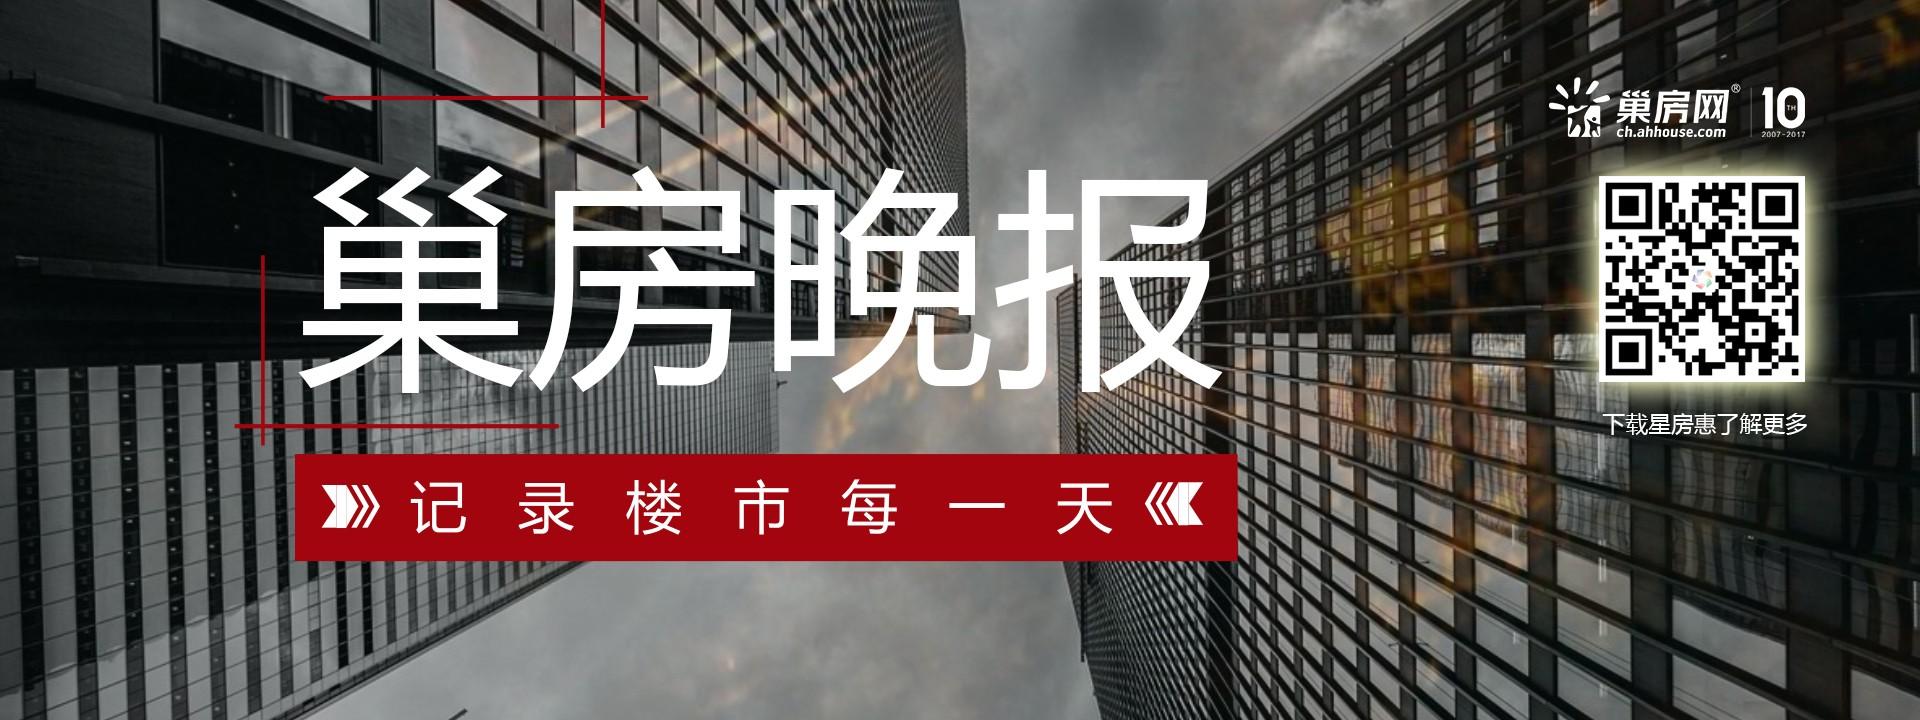 8月16日巢房网新闻晚报: 明光到巢湖高速今年开建